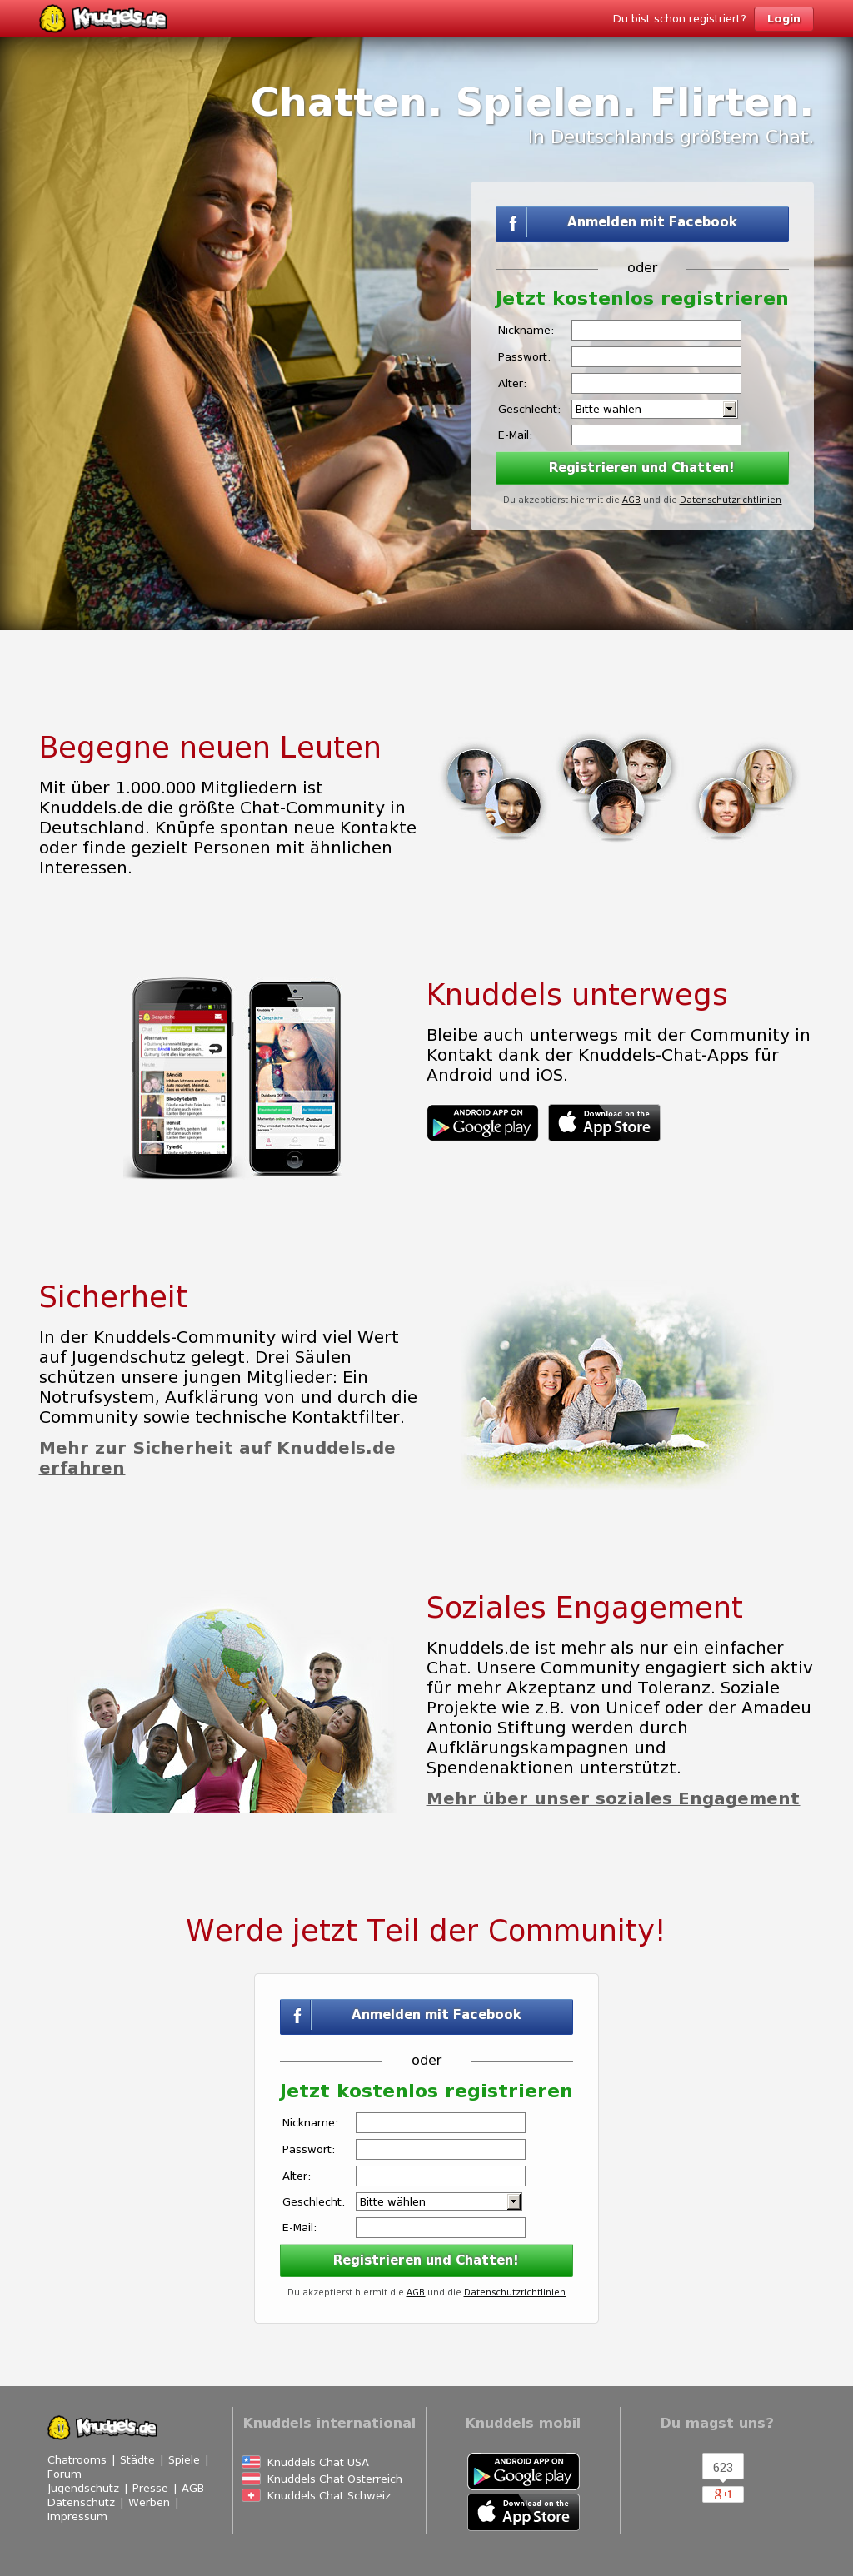 Knuddels mobile  Knuddels  2019-07-15